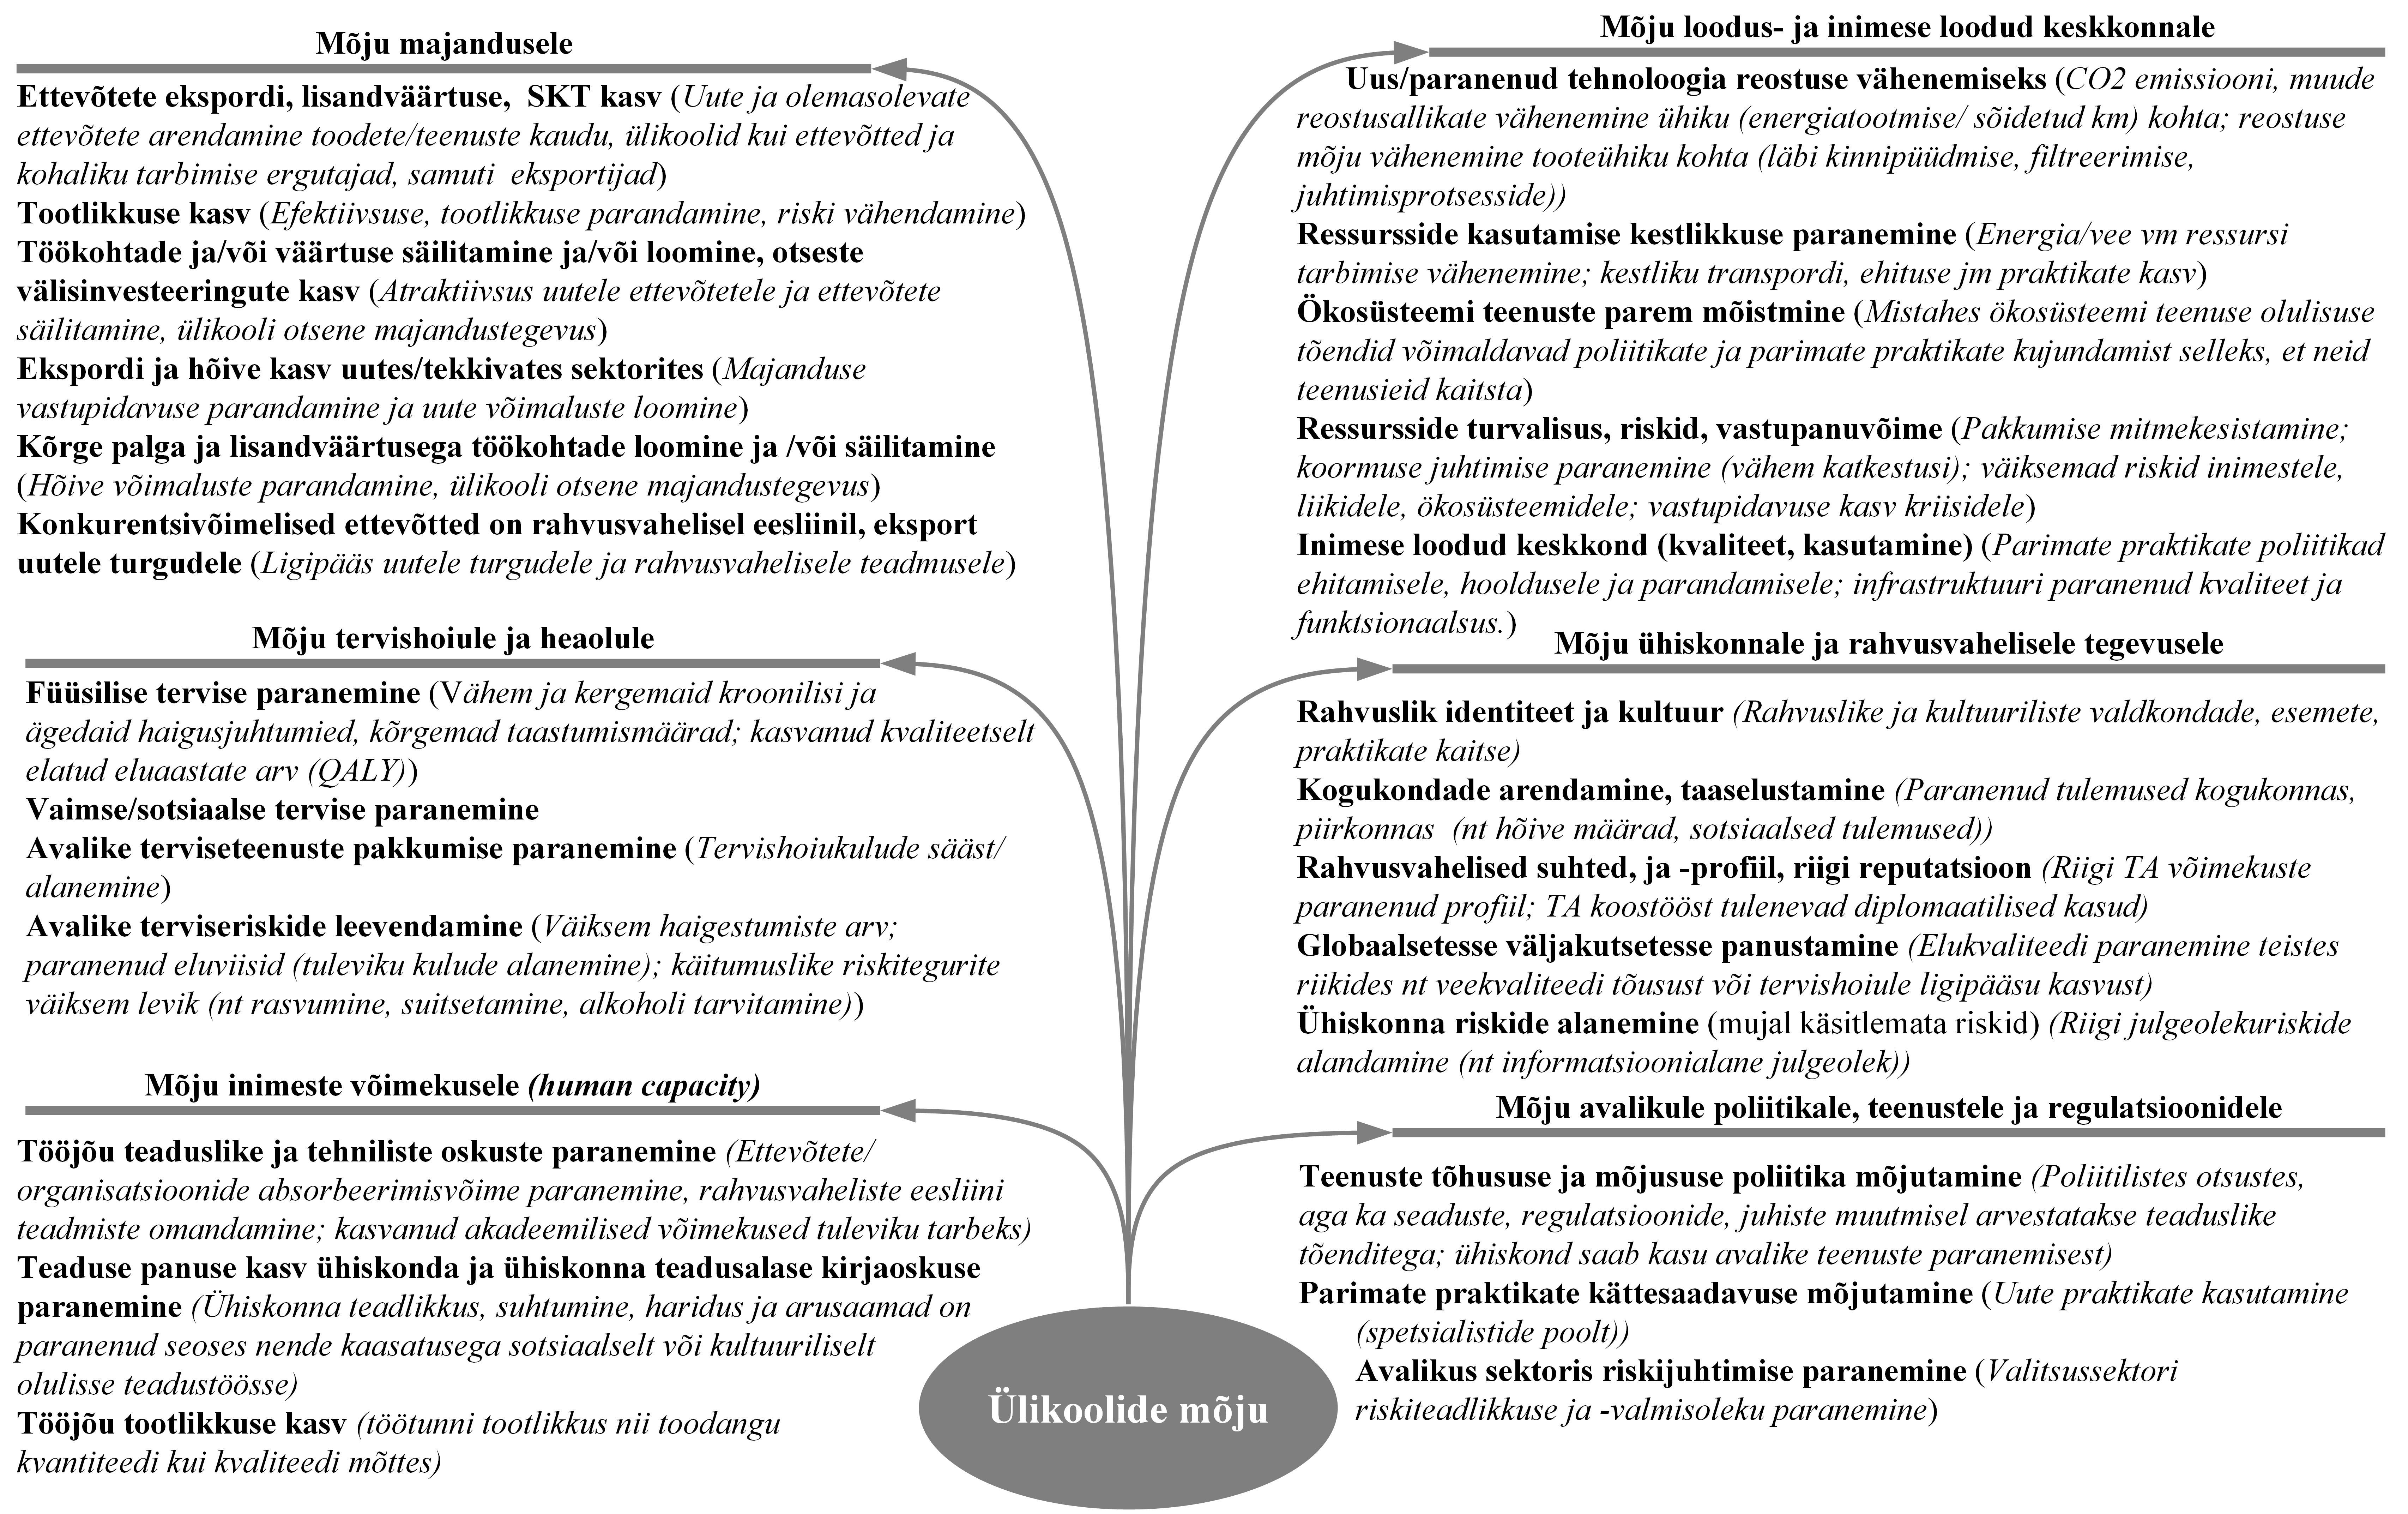 JOONIS 2. Ülikoolide mõju. Allikas: Harland O'Connor (2015, 41, 44, 47–48, 50, 52, 55)